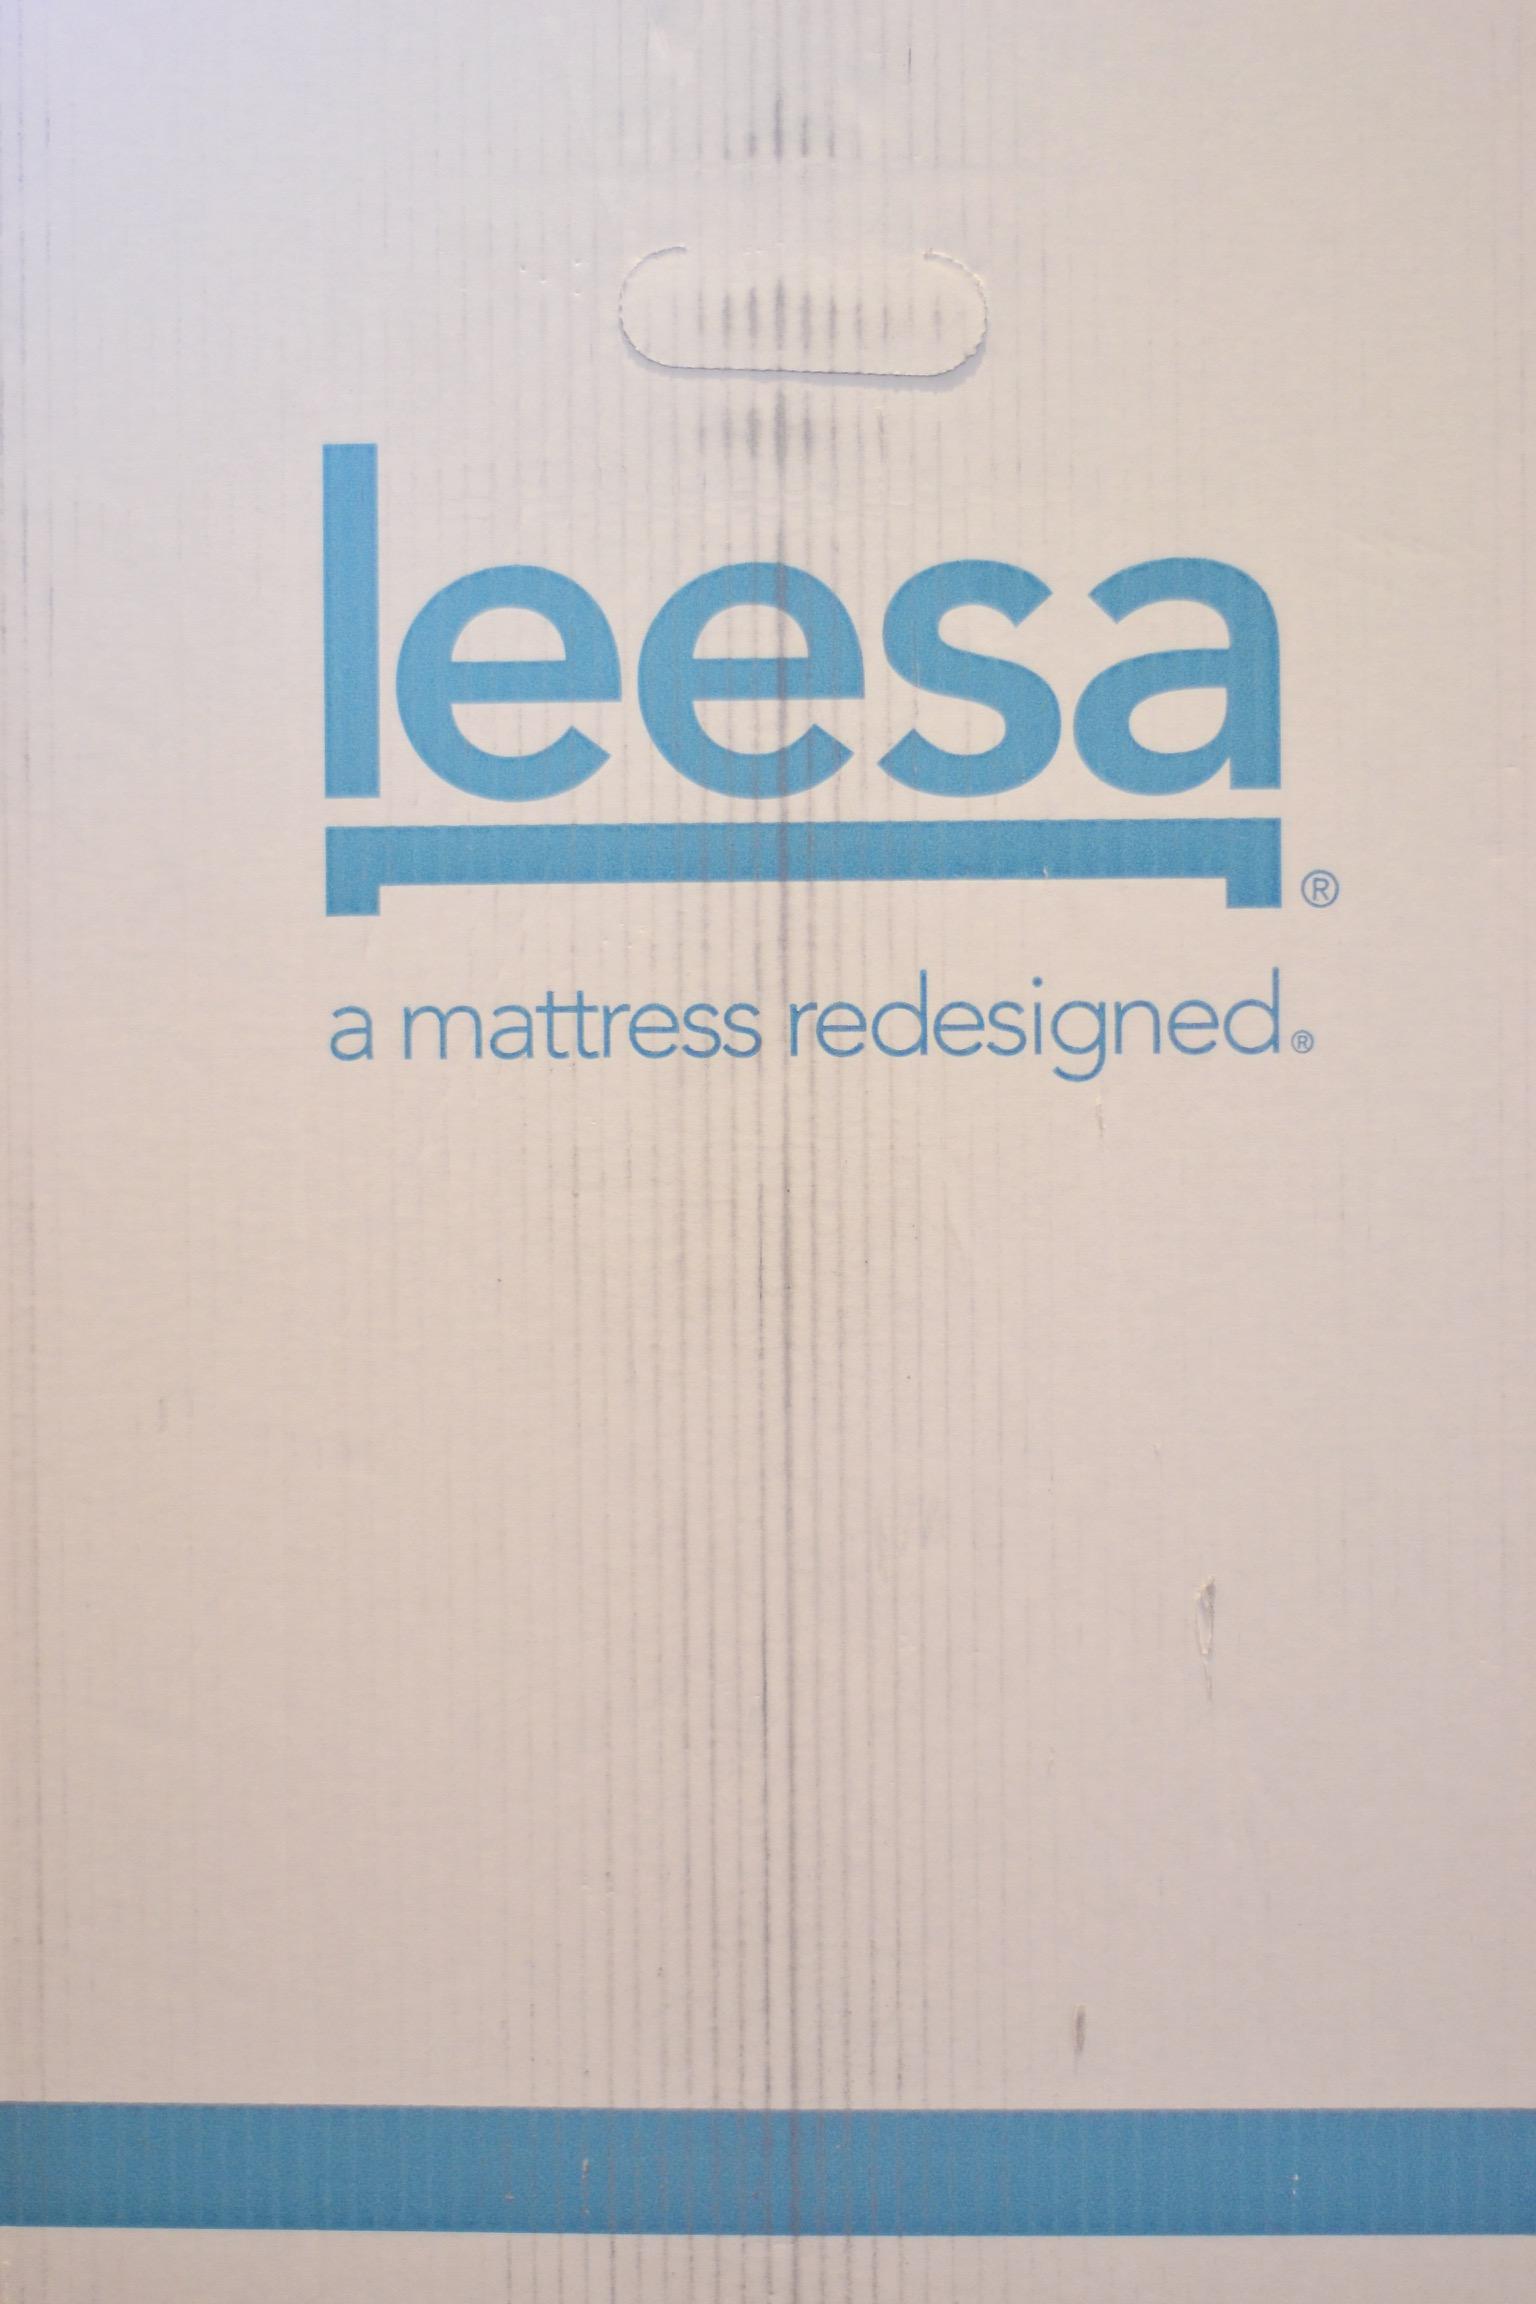 leesa-mattress-packaging